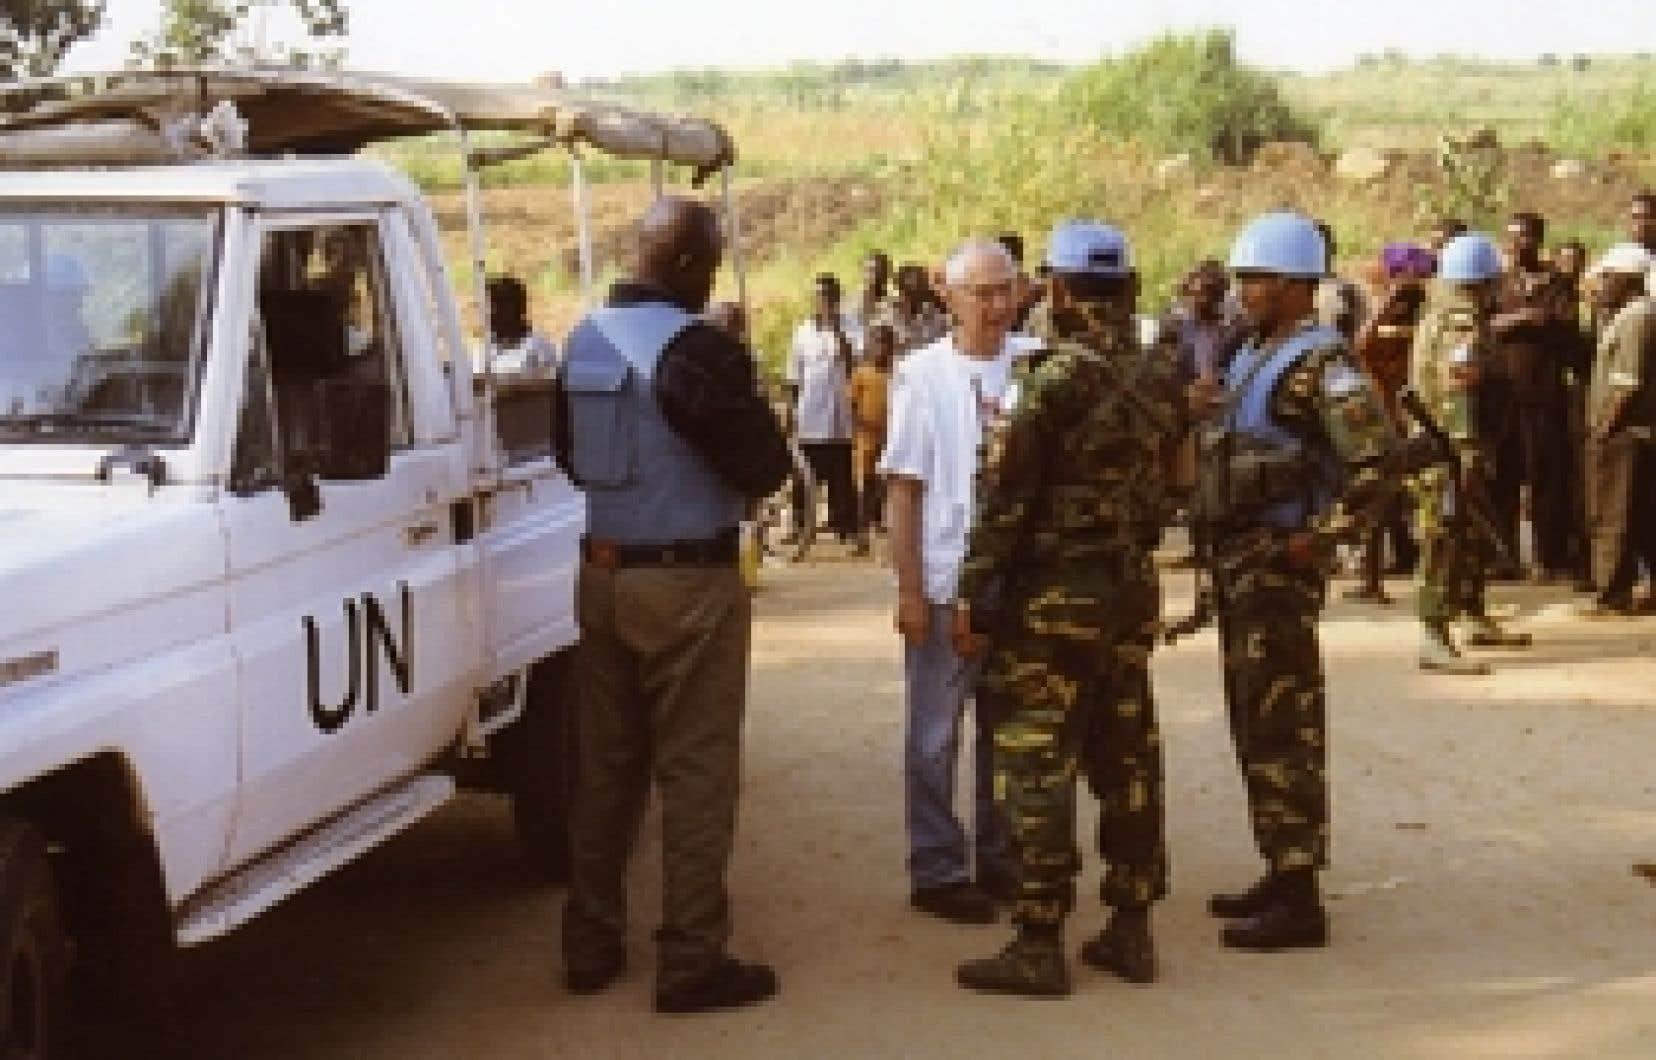 Le Dr Vincent Échavé photographié en compagnie d'un groupe de Casques bleus, en République démocratique du Congo.